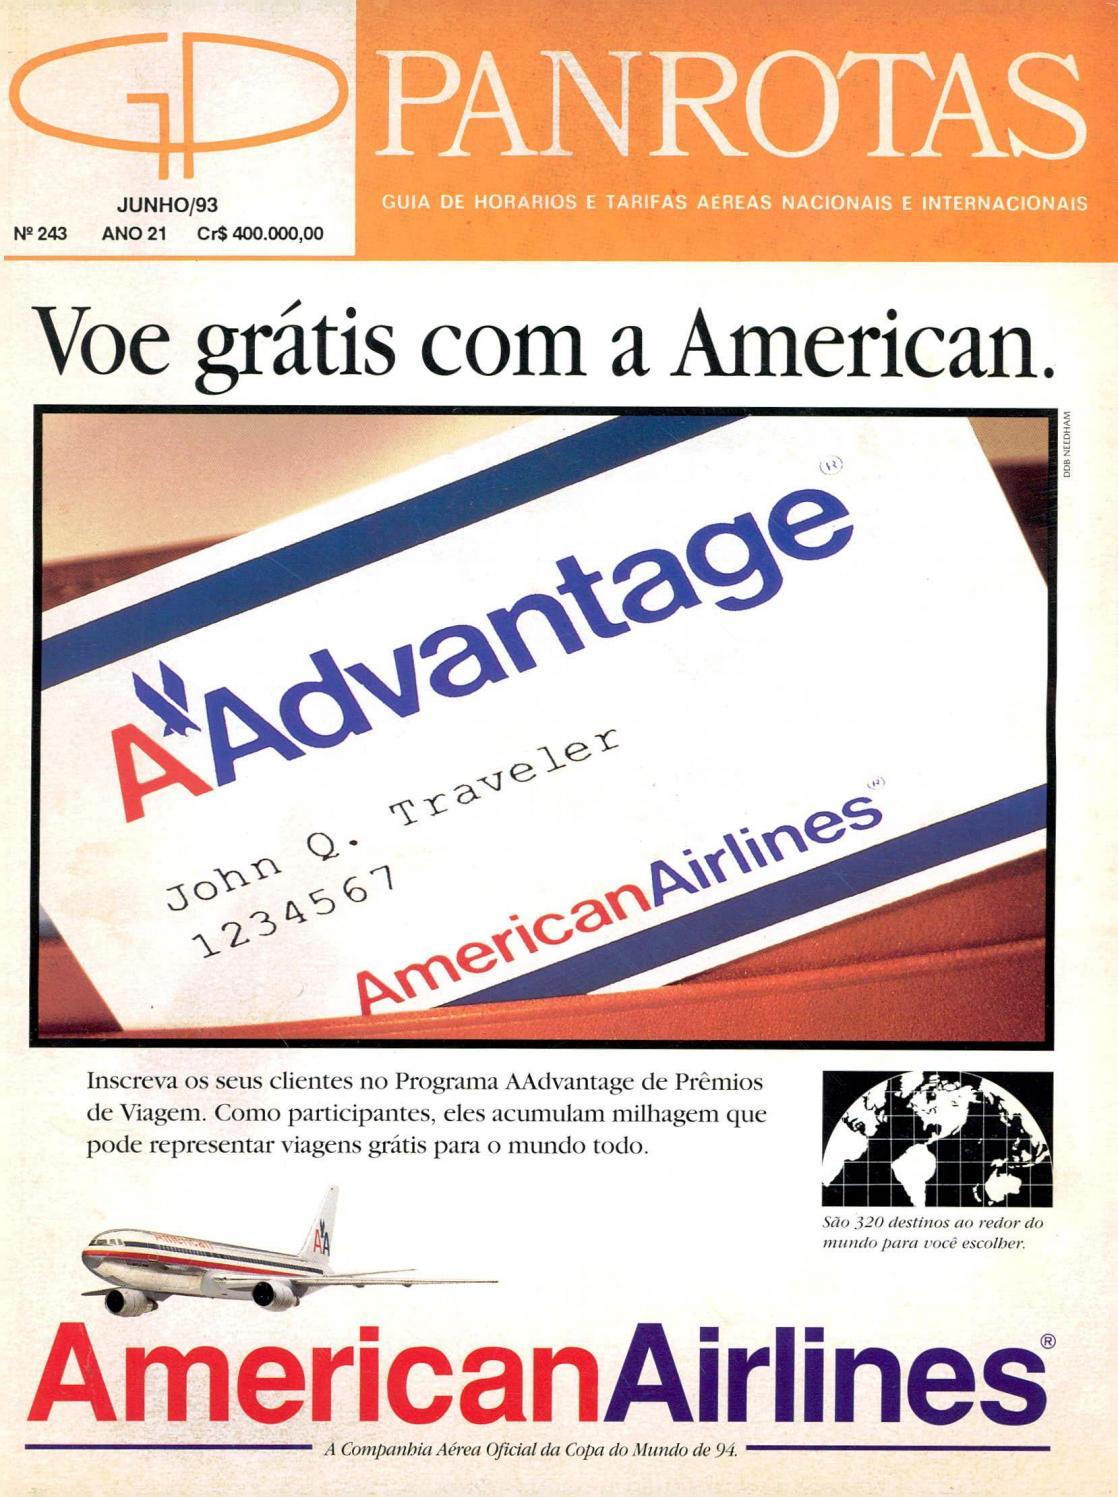 Guia PANROTAS - Edição 244 - Julho/1993 by PANROTAS Editora - issuu